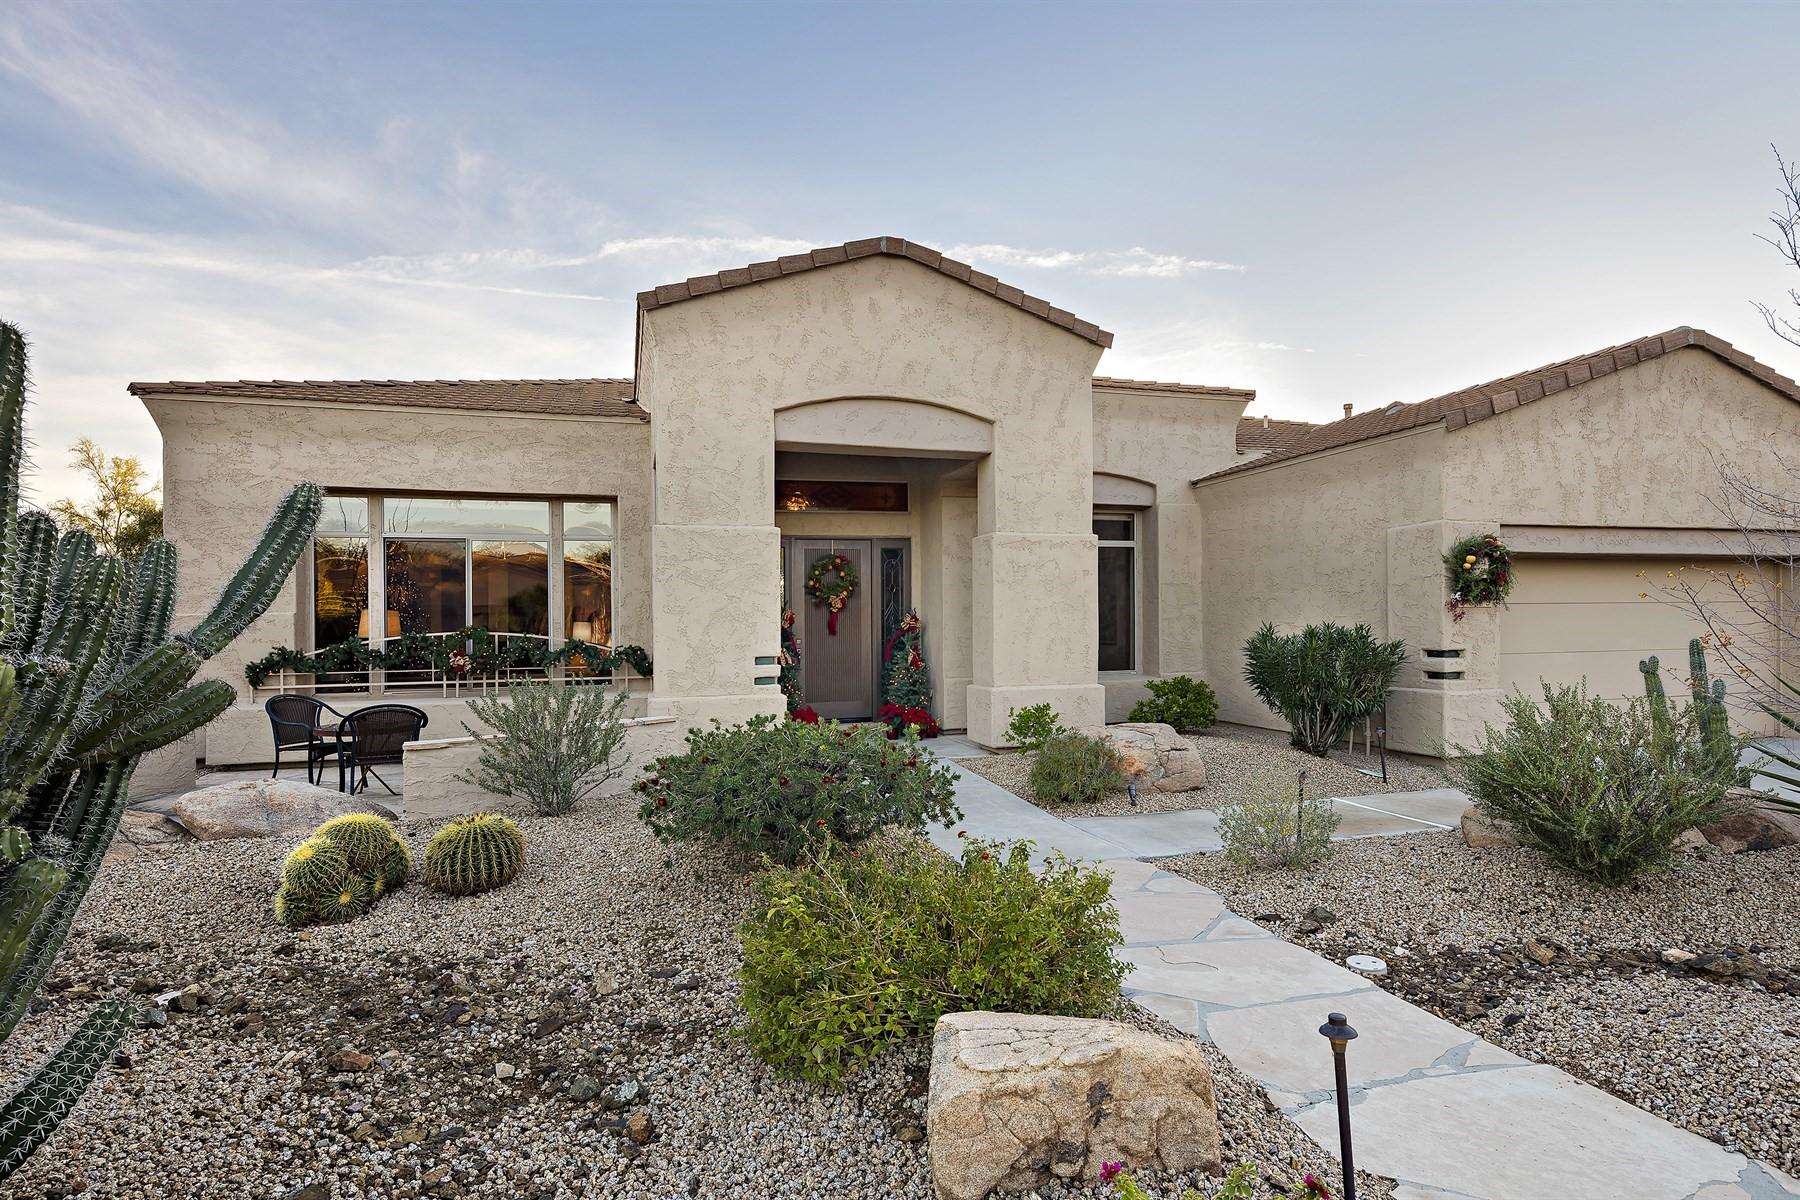 一戸建て のために 売買 アット Beautifully maintained home 7519 E Rose Garden Ln Scottsdale, アリゾナ, 85255 アメリカ合衆国